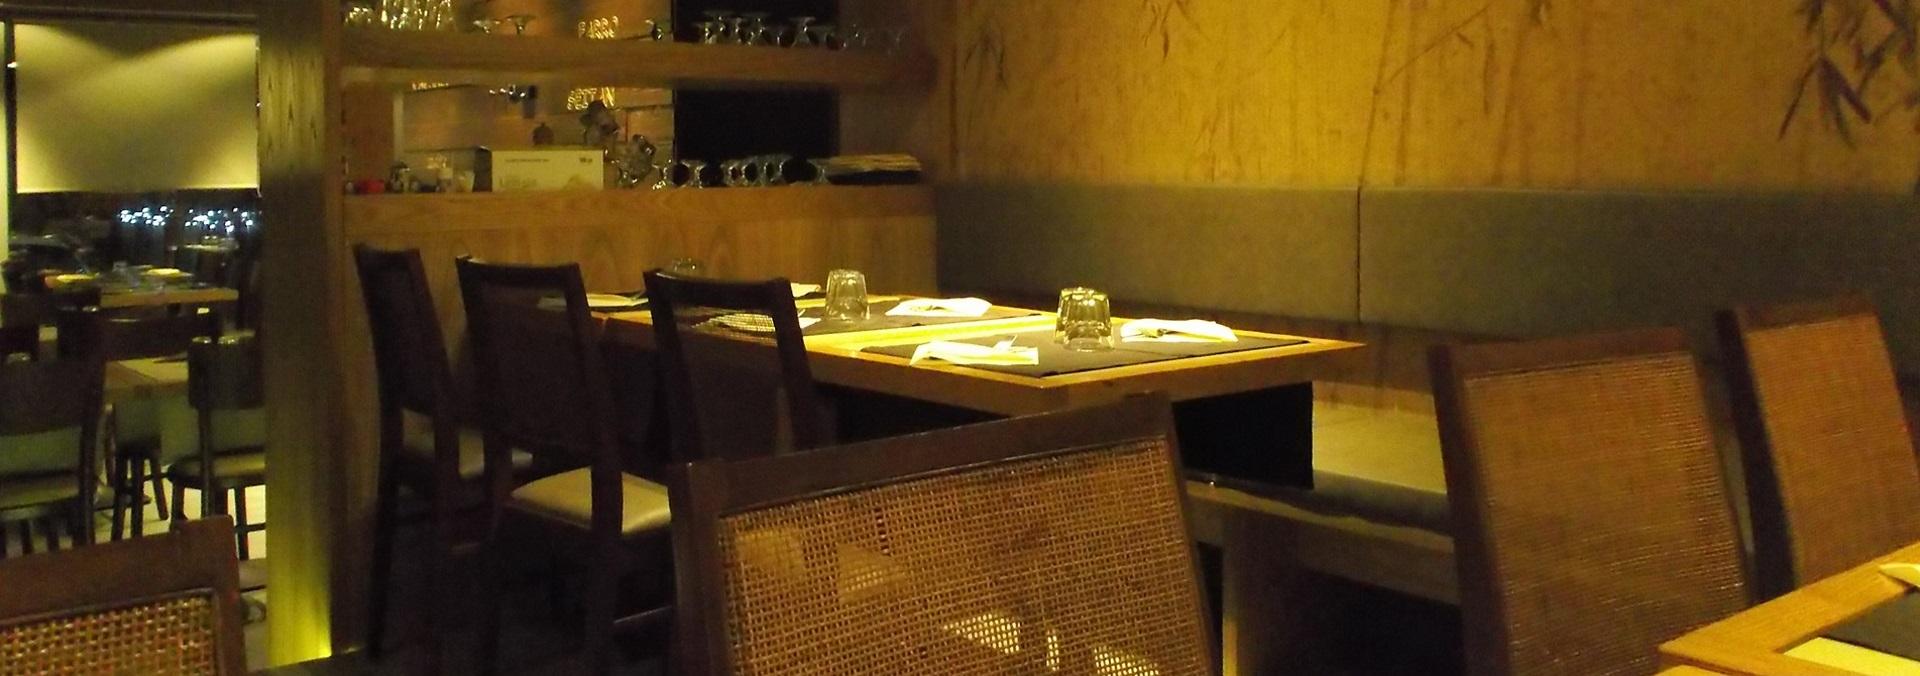 Rajas café ristorante pizzeria bio a Erba